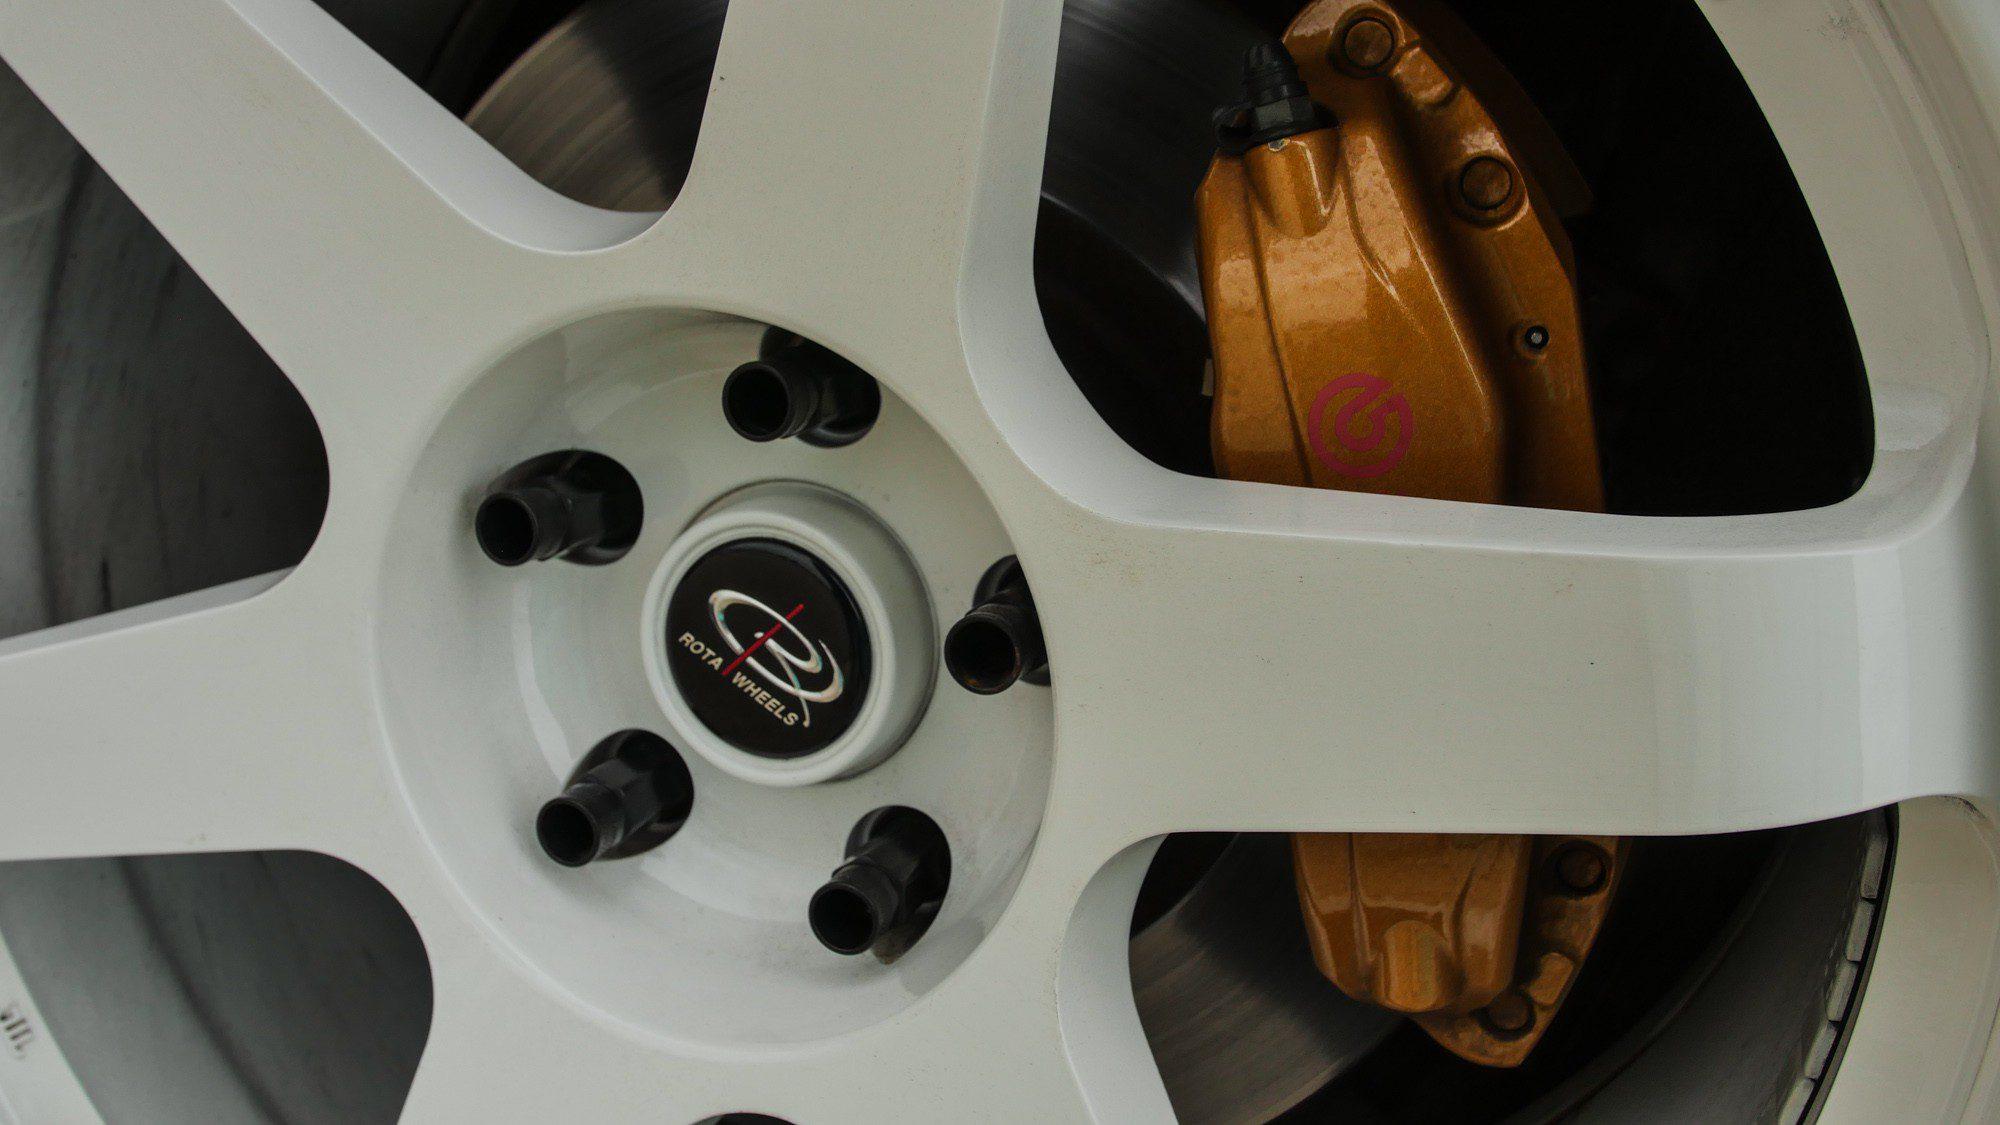 Detailansicht der Rota Wheels auf dem Nissan 350 Z